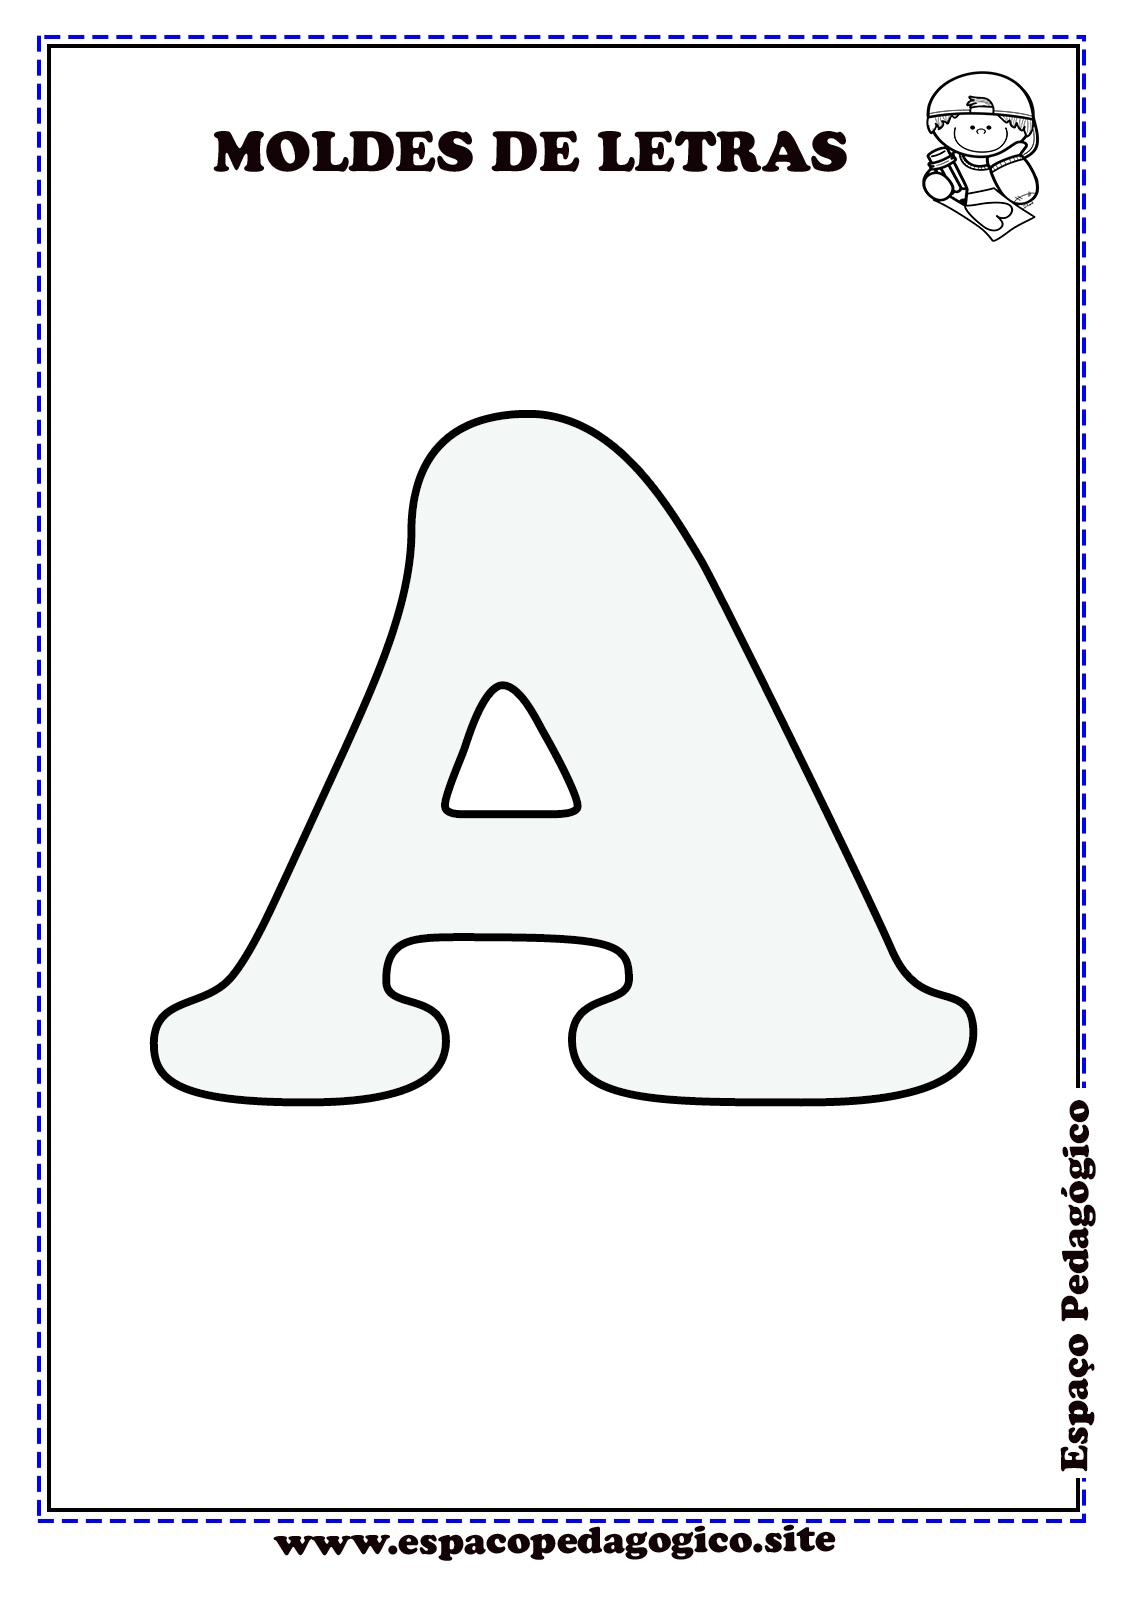 Moldes De Letras Do Alfabeto Para Imprimir Lindo Espaco Pedagogico